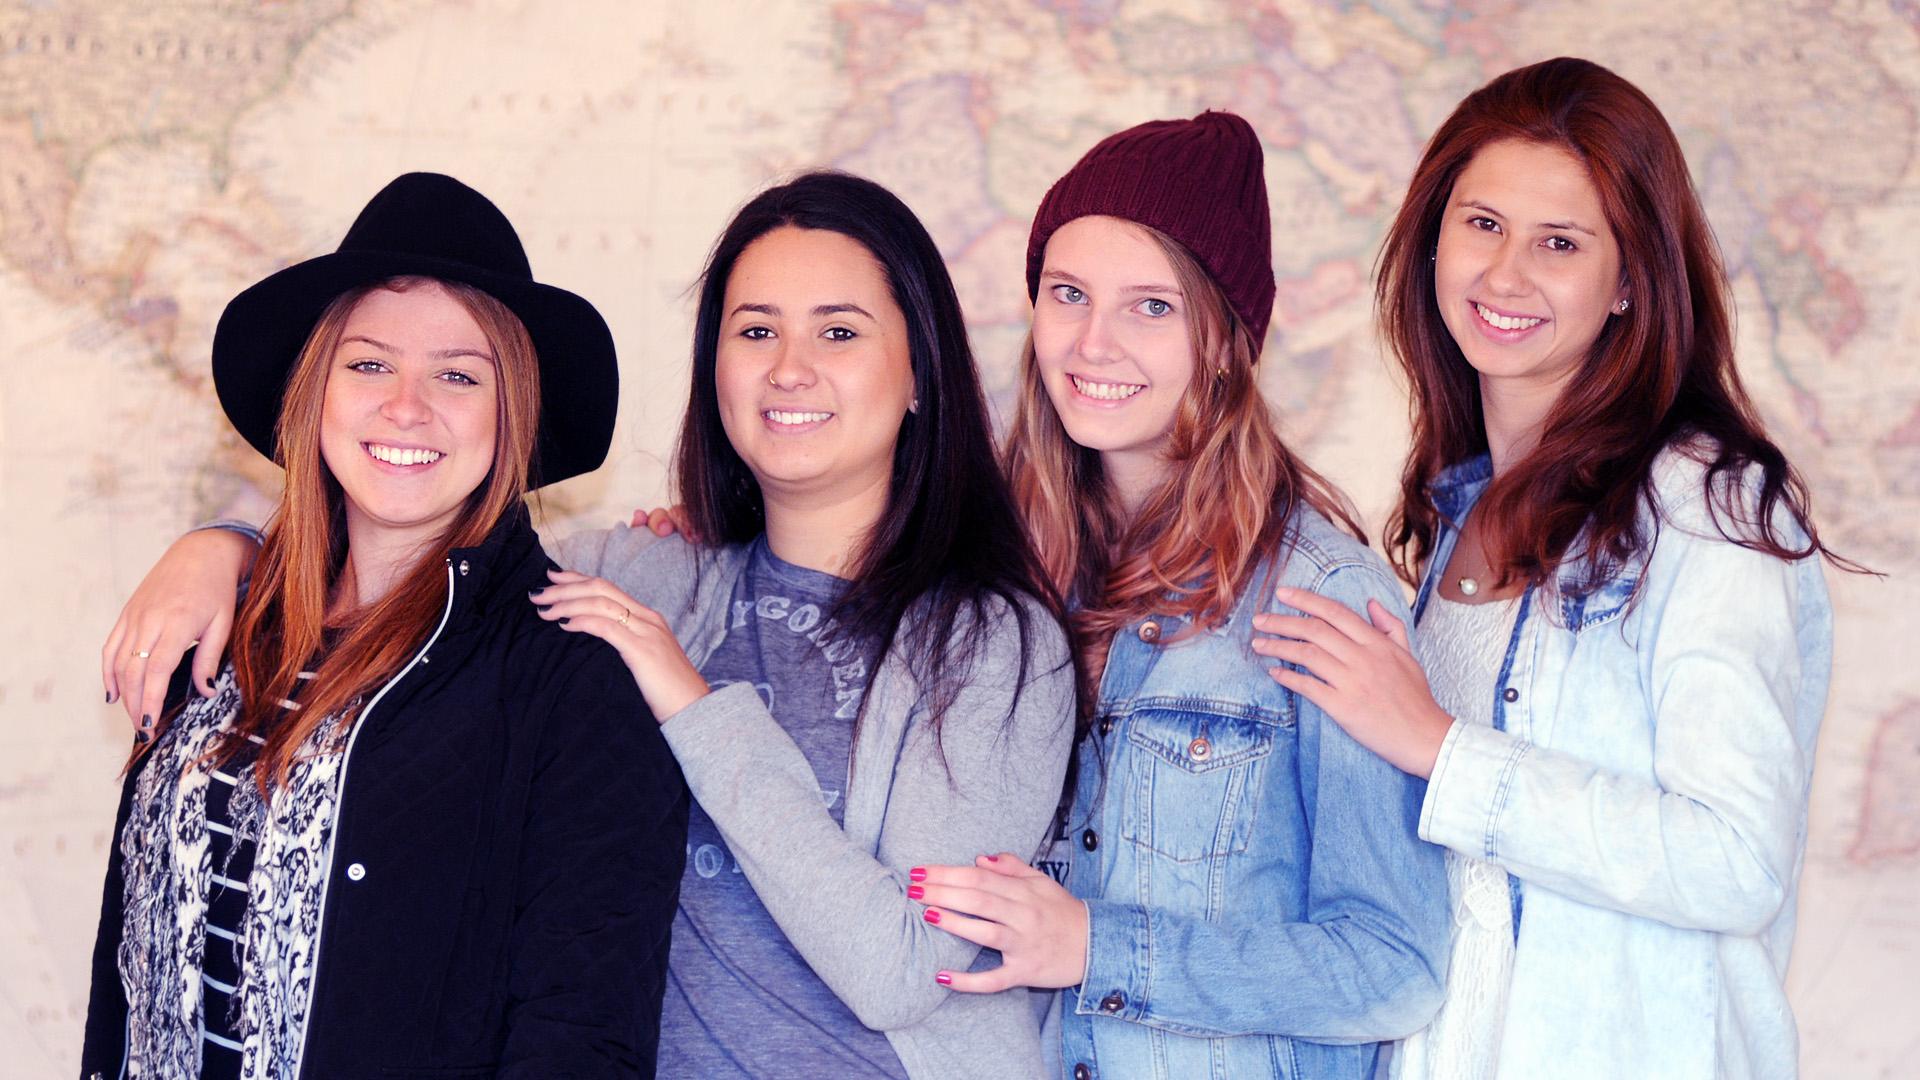 Walesca, Paula, Lauren & Vanessa, travelers from Florianopolis, Brazil